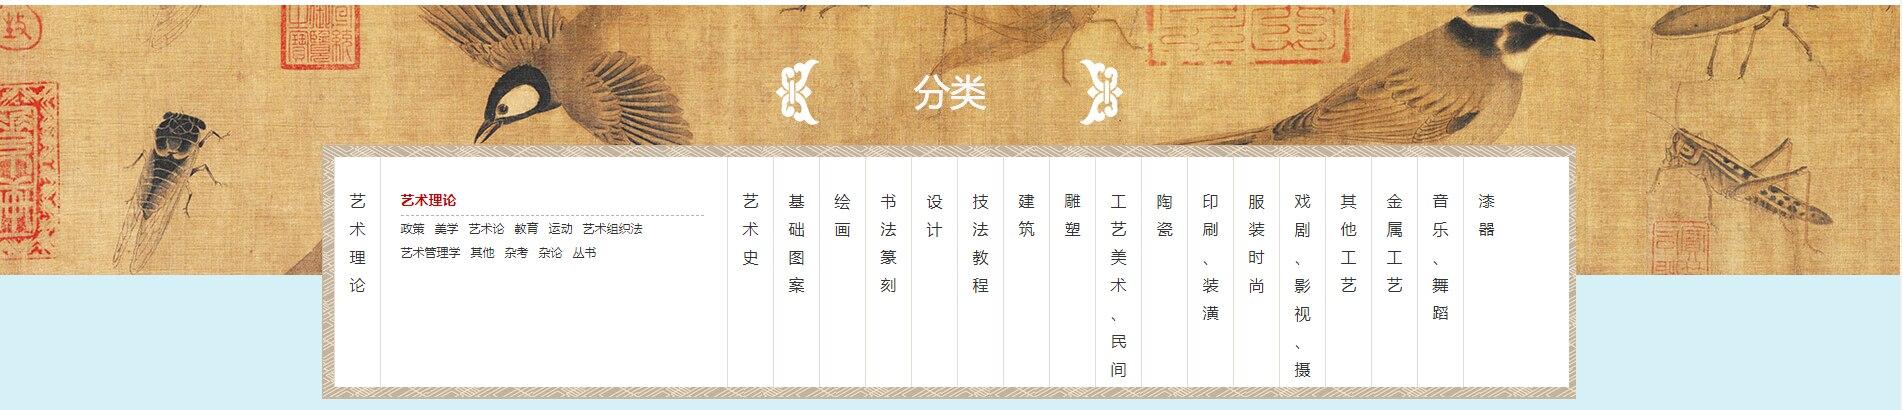 橙艺艺术在线学校机构图书馆用户名账号密码分享-爱淘数字资源馆